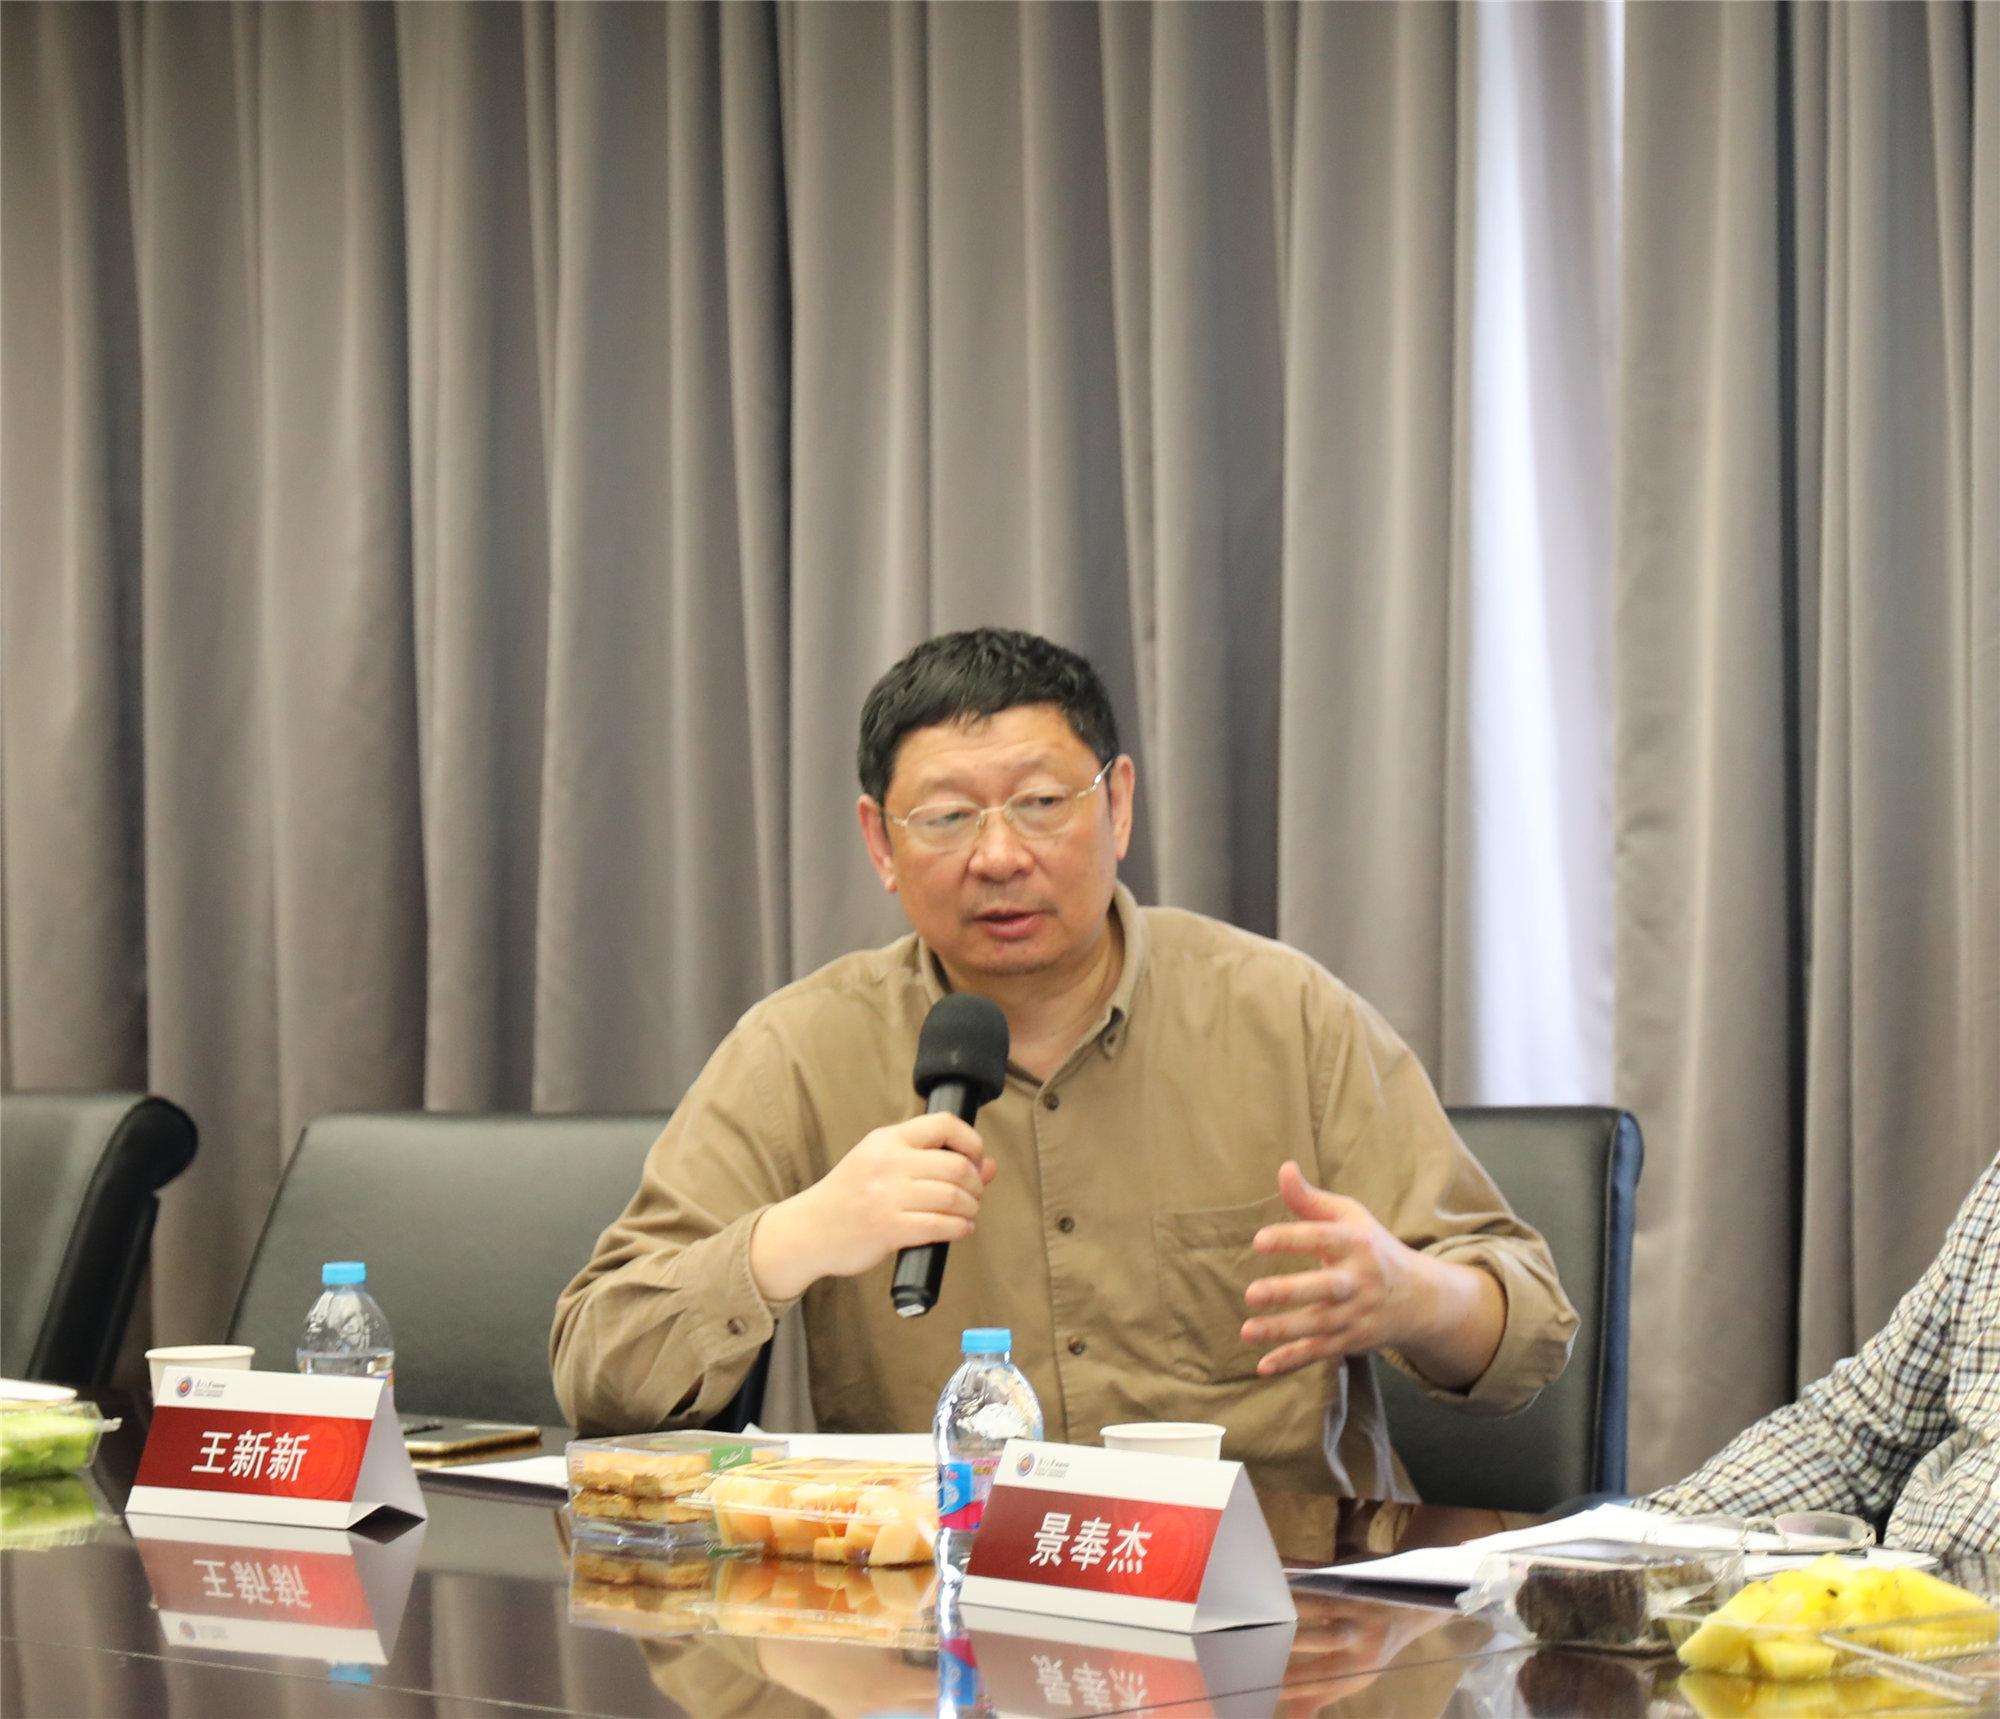 上海財大品牌研究中心主任 王新新